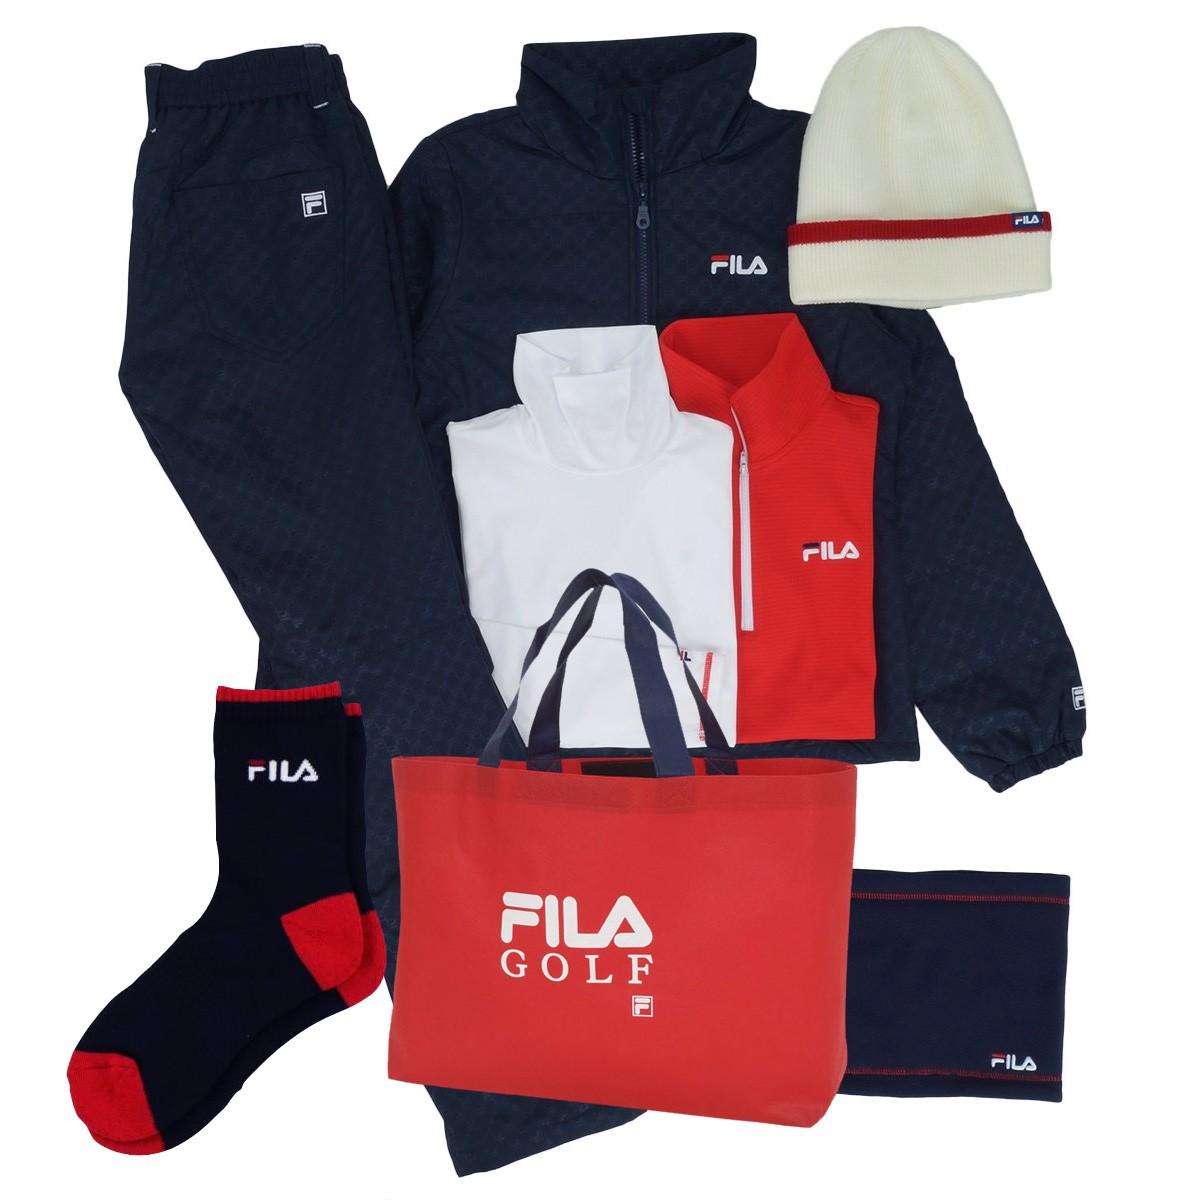 フィラ ゴルフ FILA 2020年新春福袋  レディースセット 799100